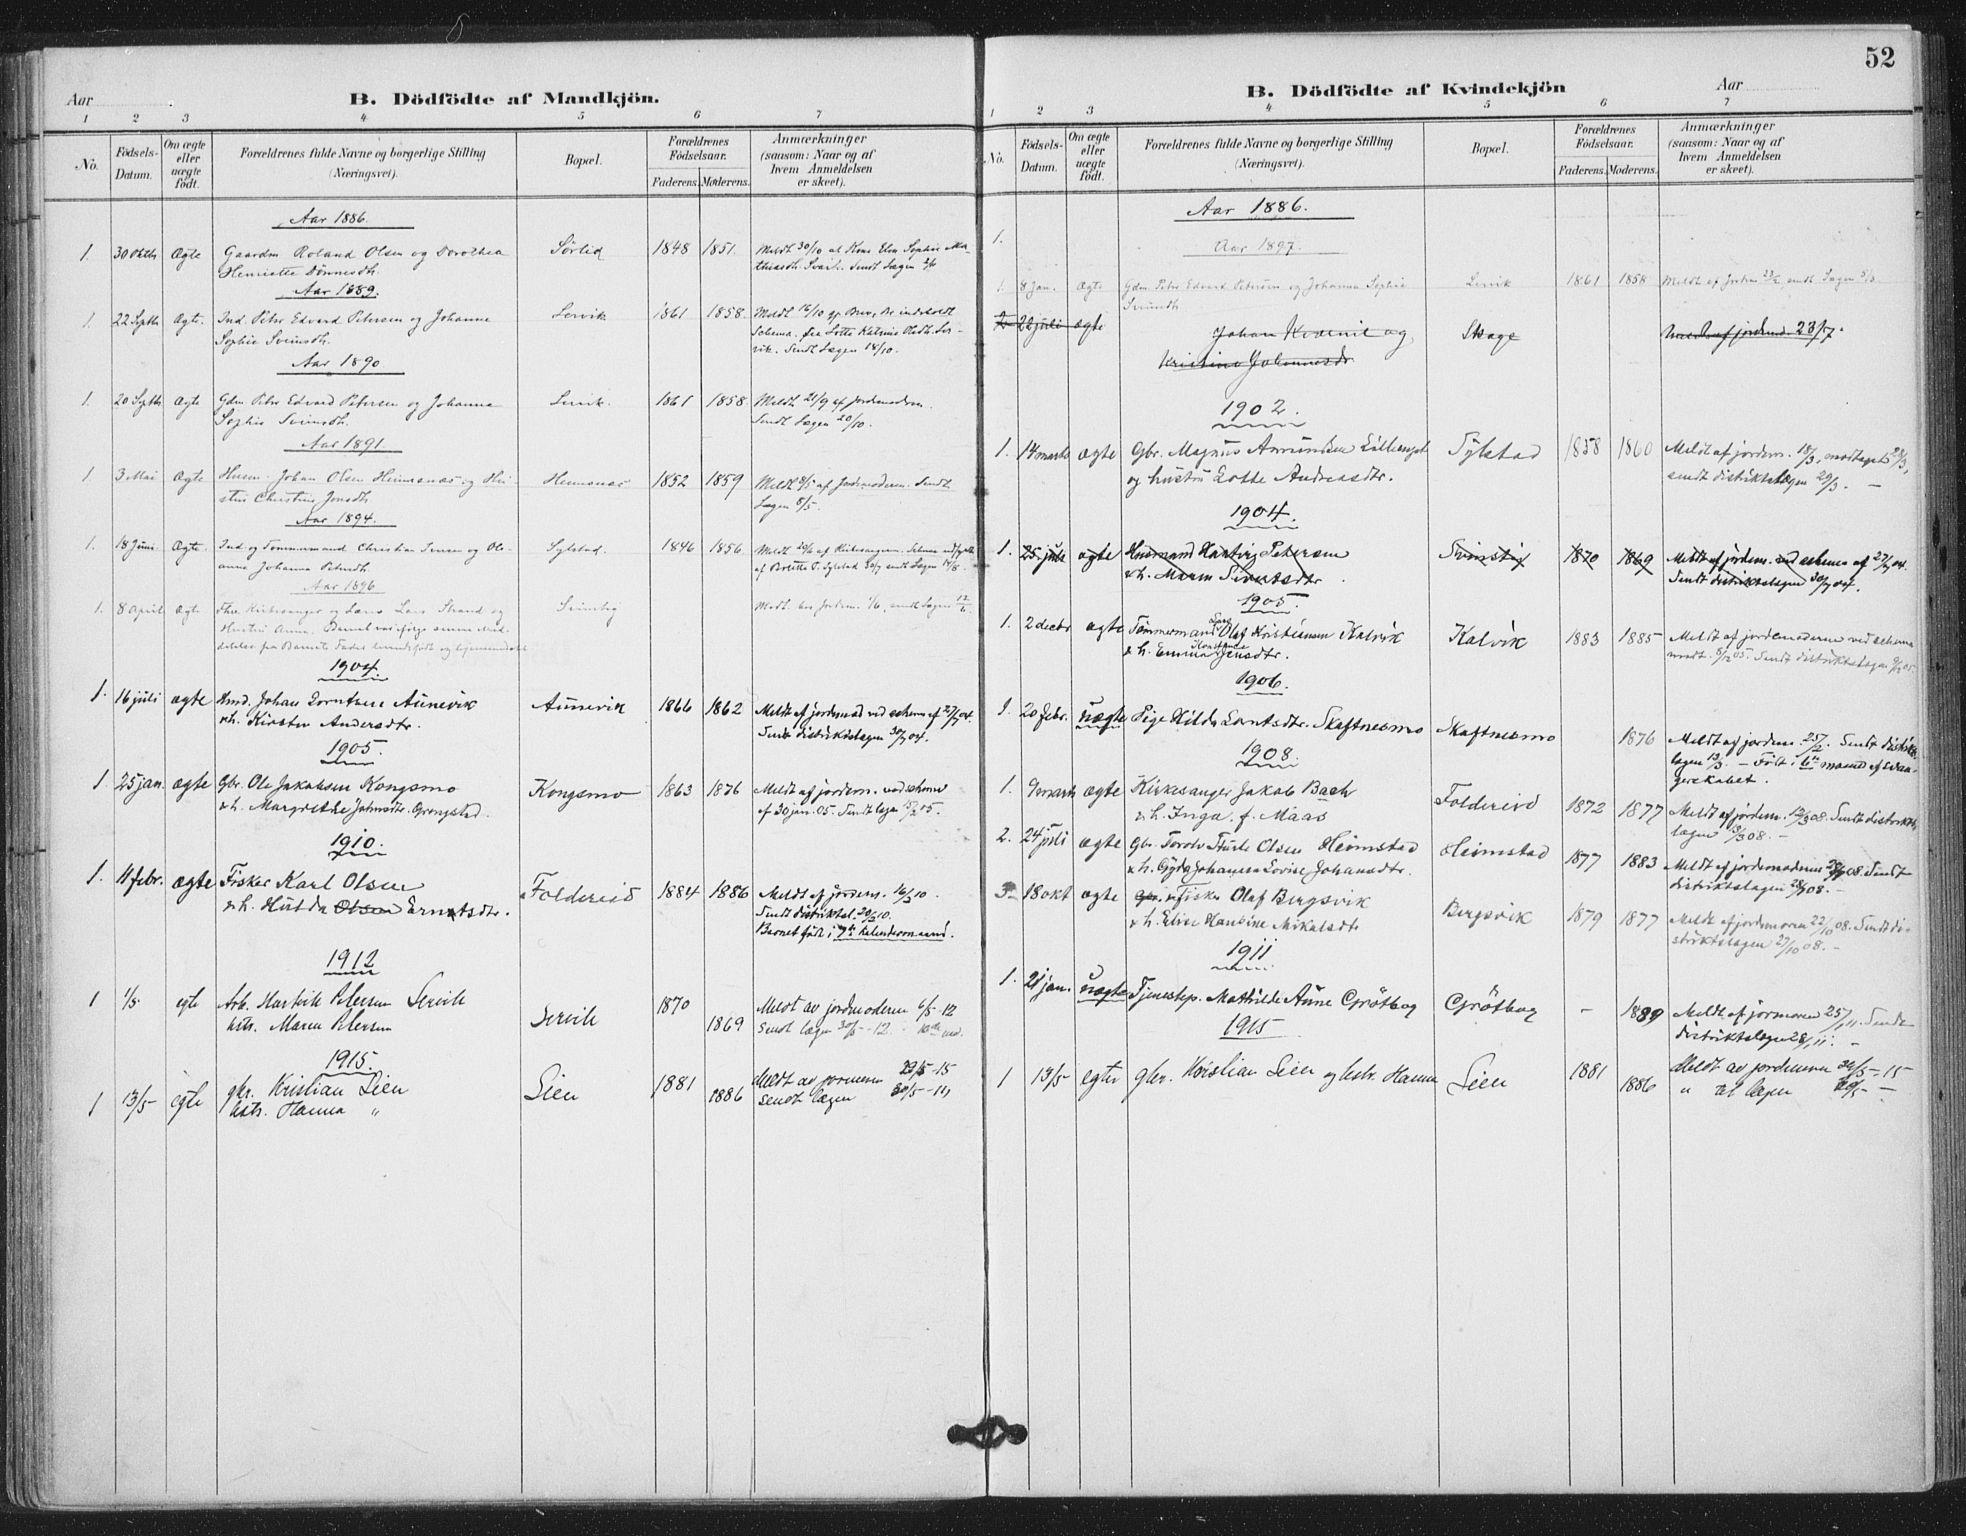 SAT, Ministerialprotokoller, klokkerbøker og fødselsregistre - Nord-Trøndelag, 783/L0660: Ministerialbok nr. 783A02, 1886-1918, s. 52